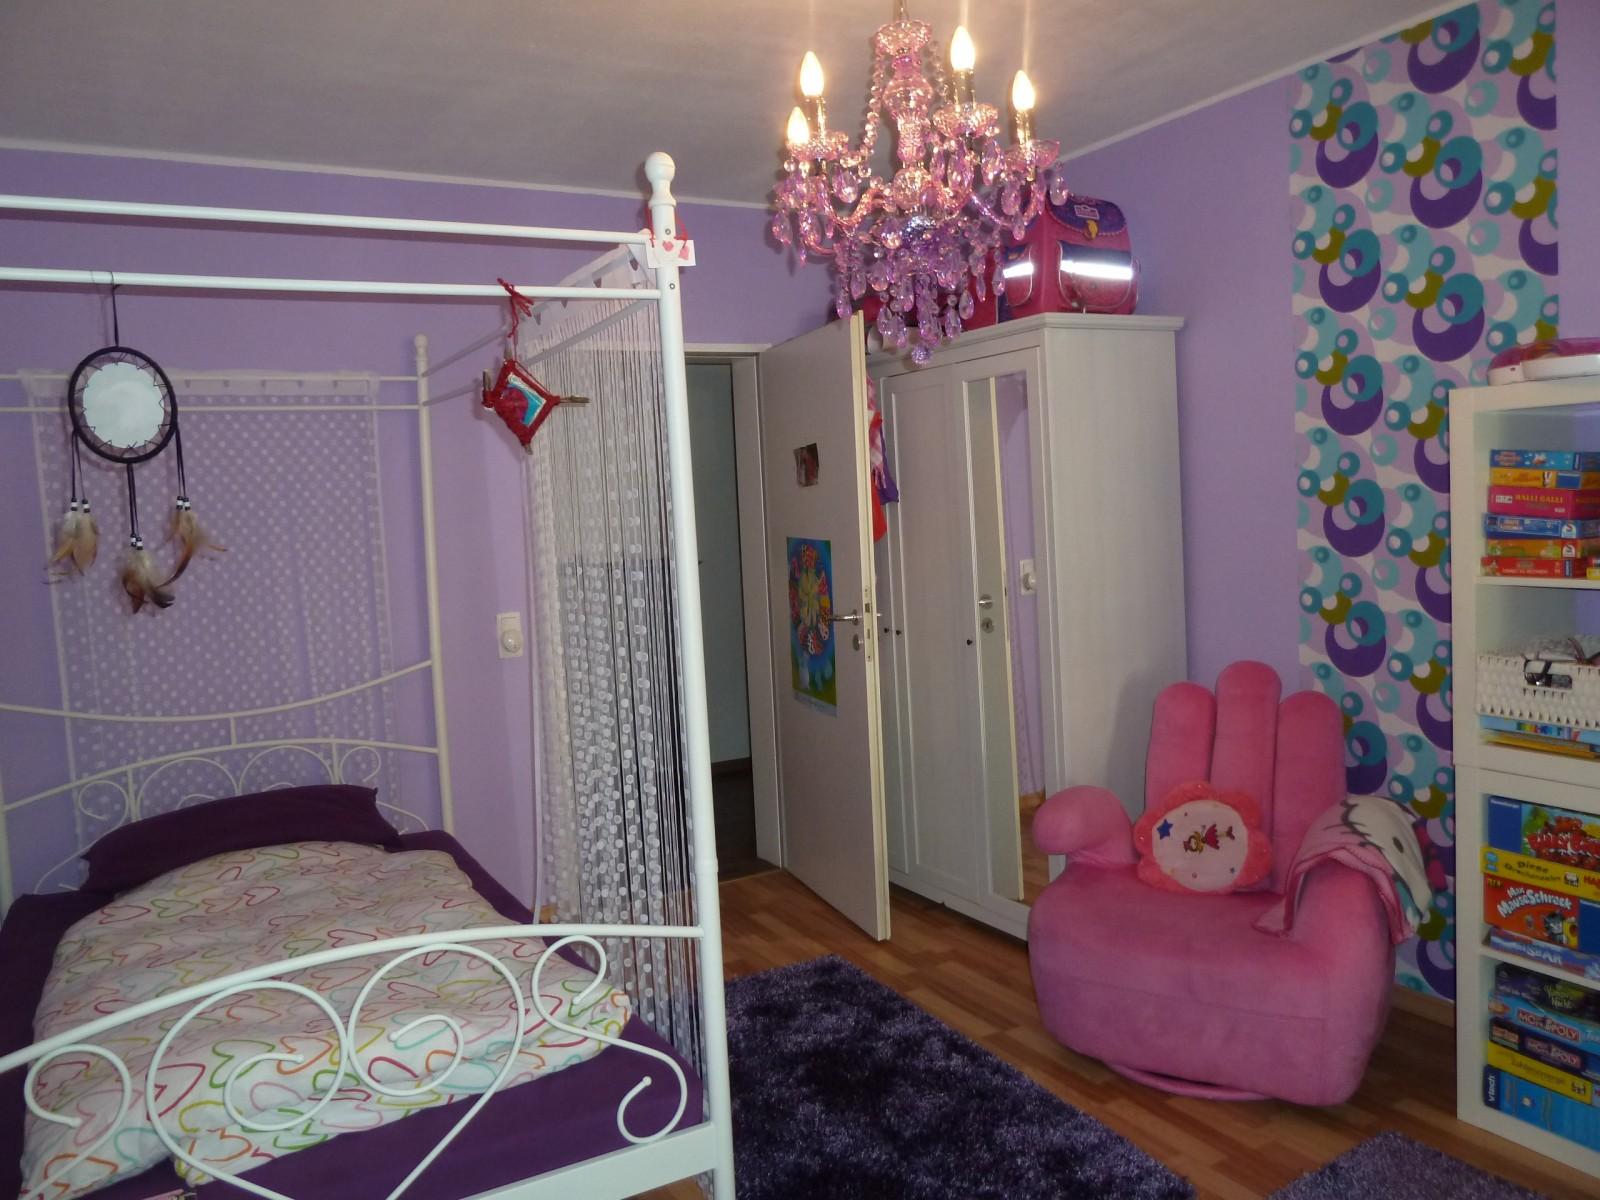 kinderzimmer 39 neles zimmer 6 jahre 39 der neue. Black Bedroom Furniture Sets. Home Design Ideas